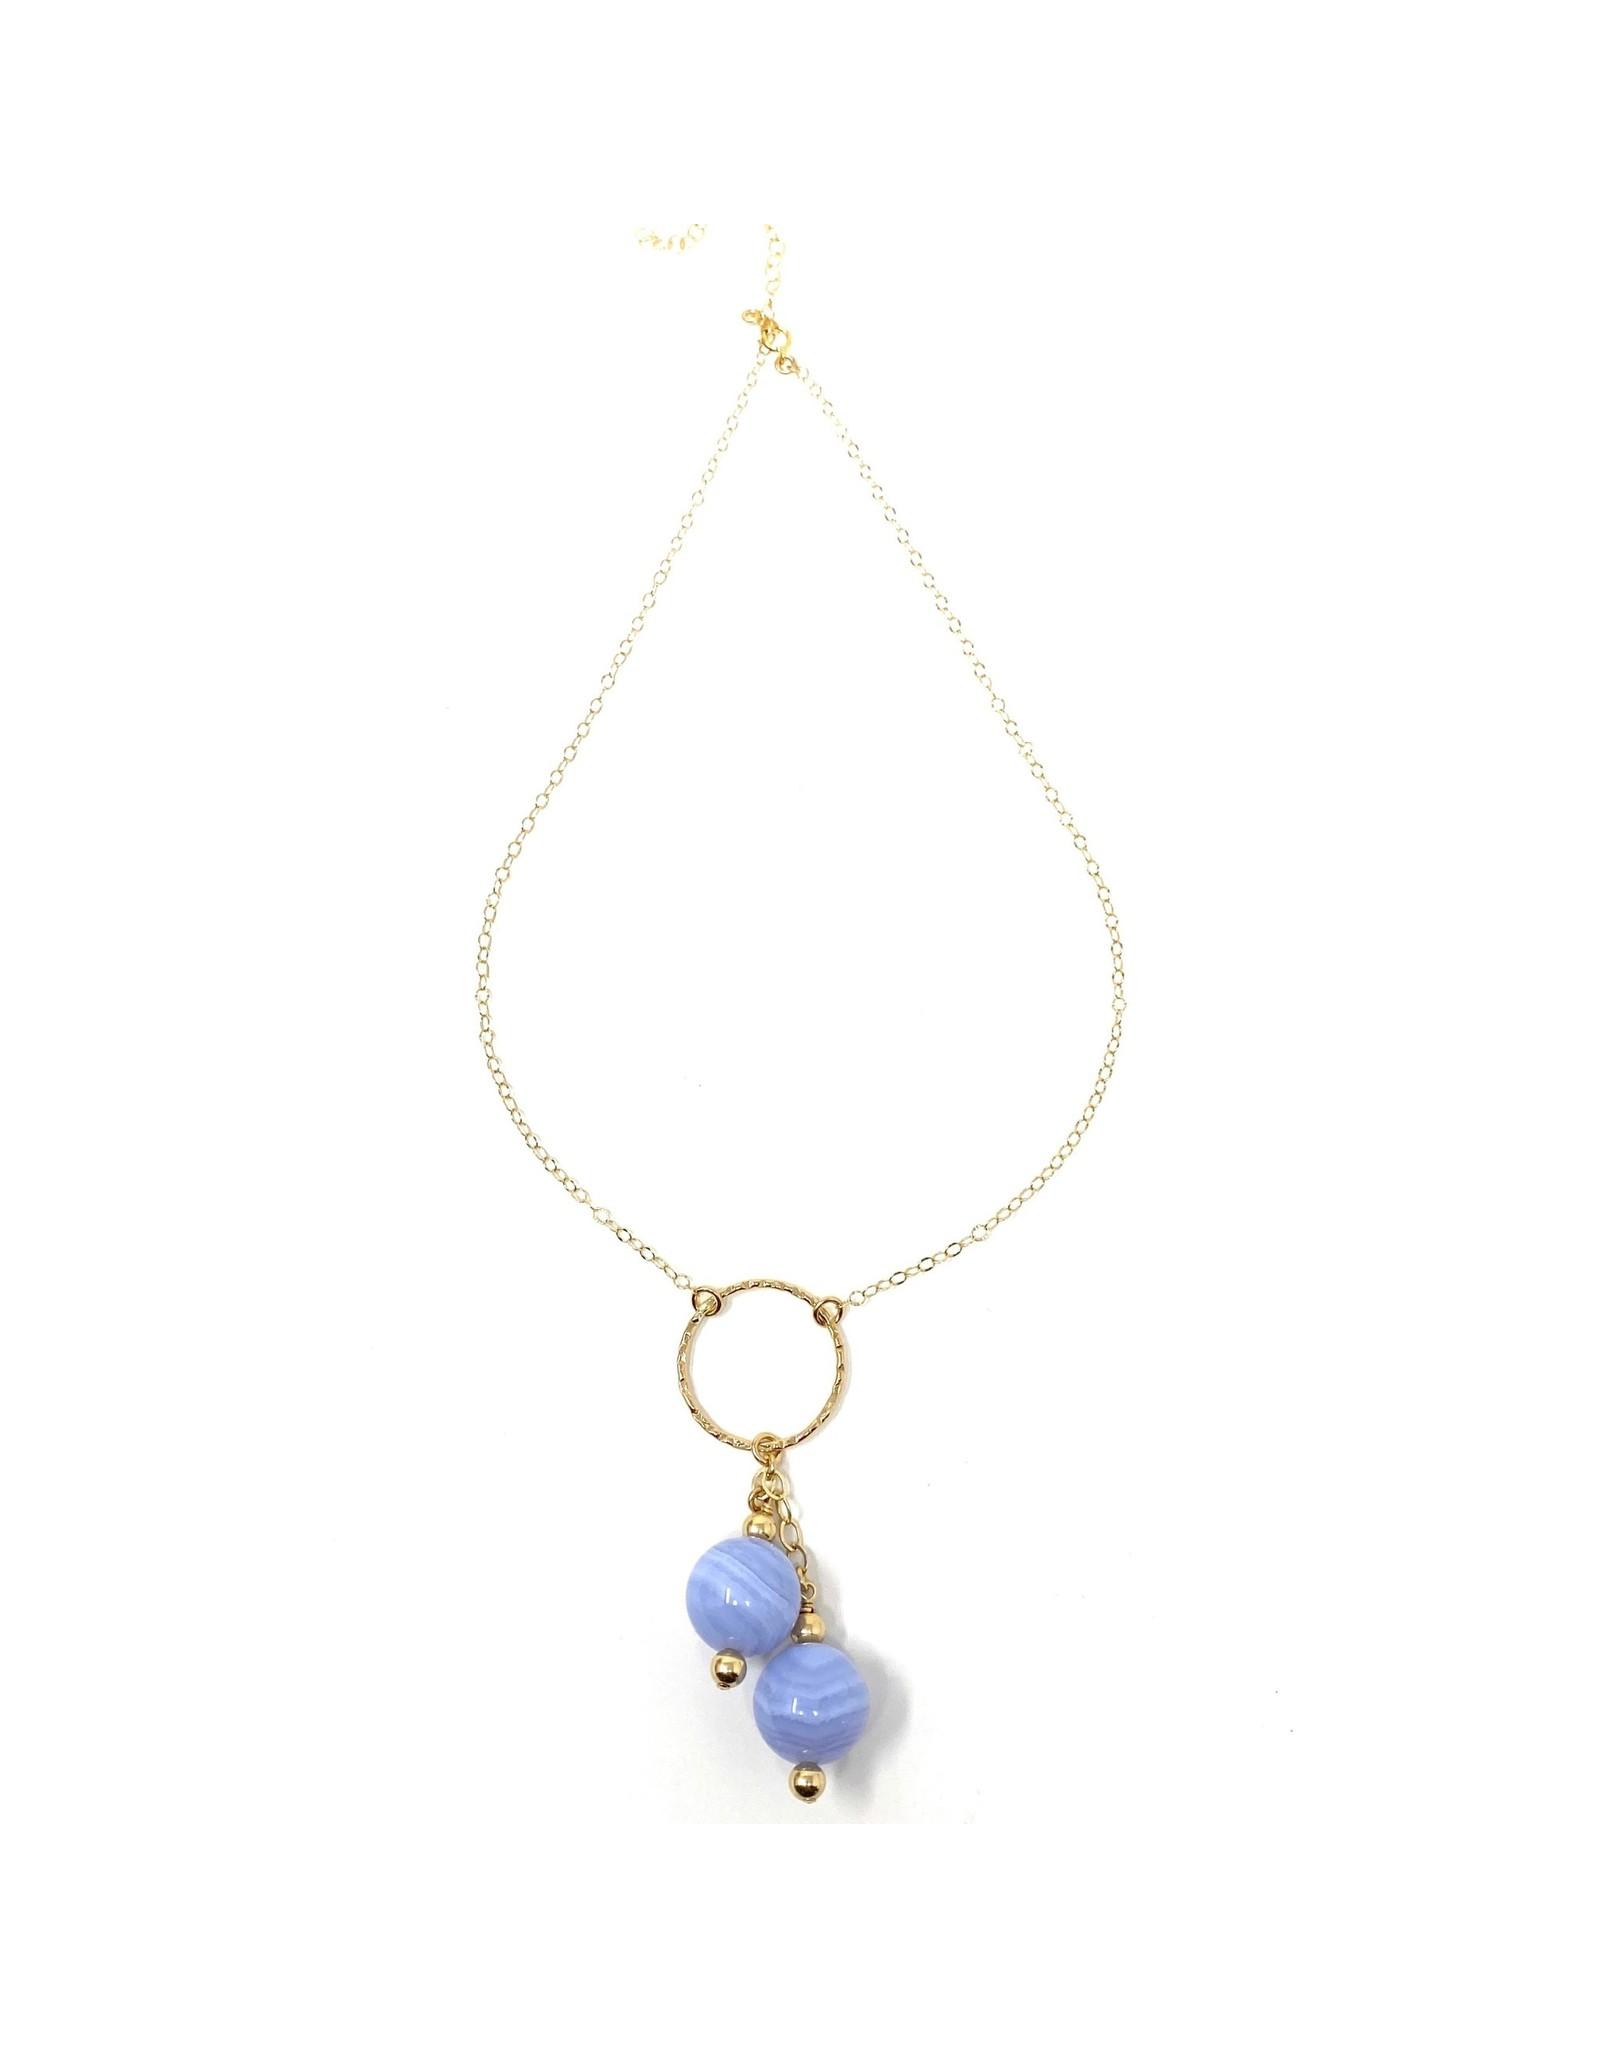 GF Blue Lace Agate Drop Necklace